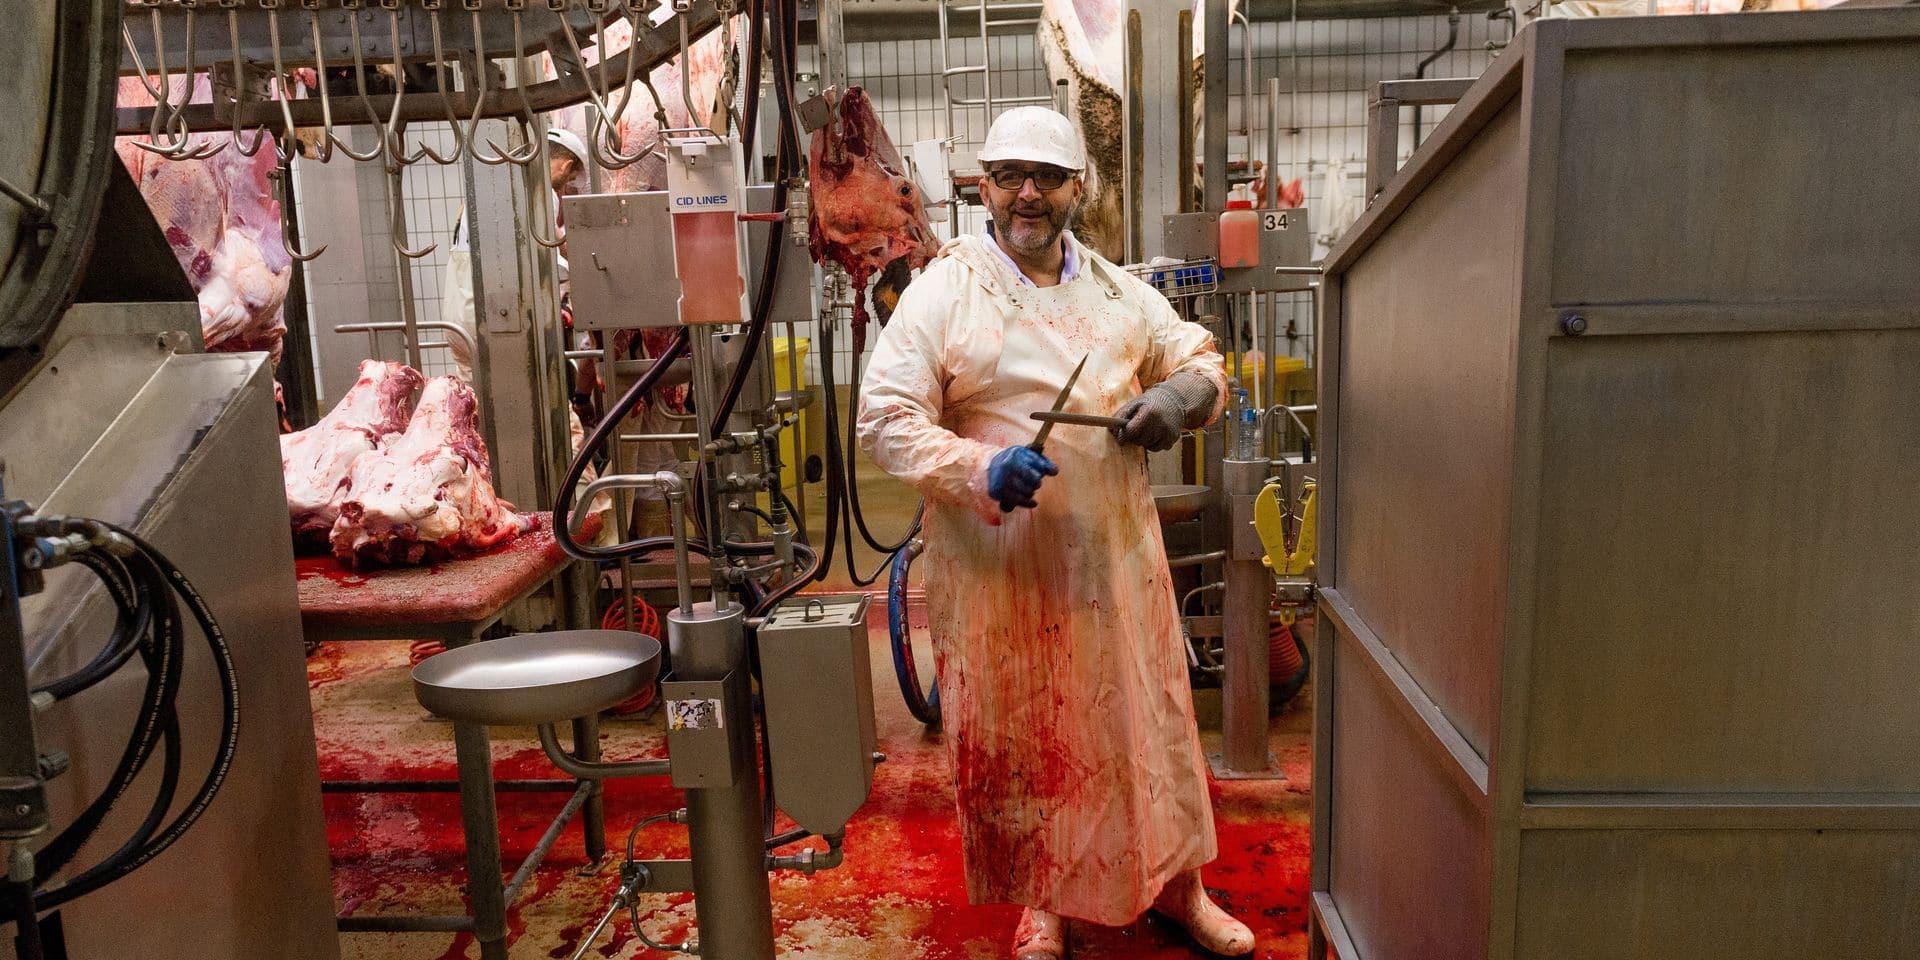 Bruxelles - Anderlecht - Les abattoirs d'Anderlecht - filiere bovine - filiere porcine